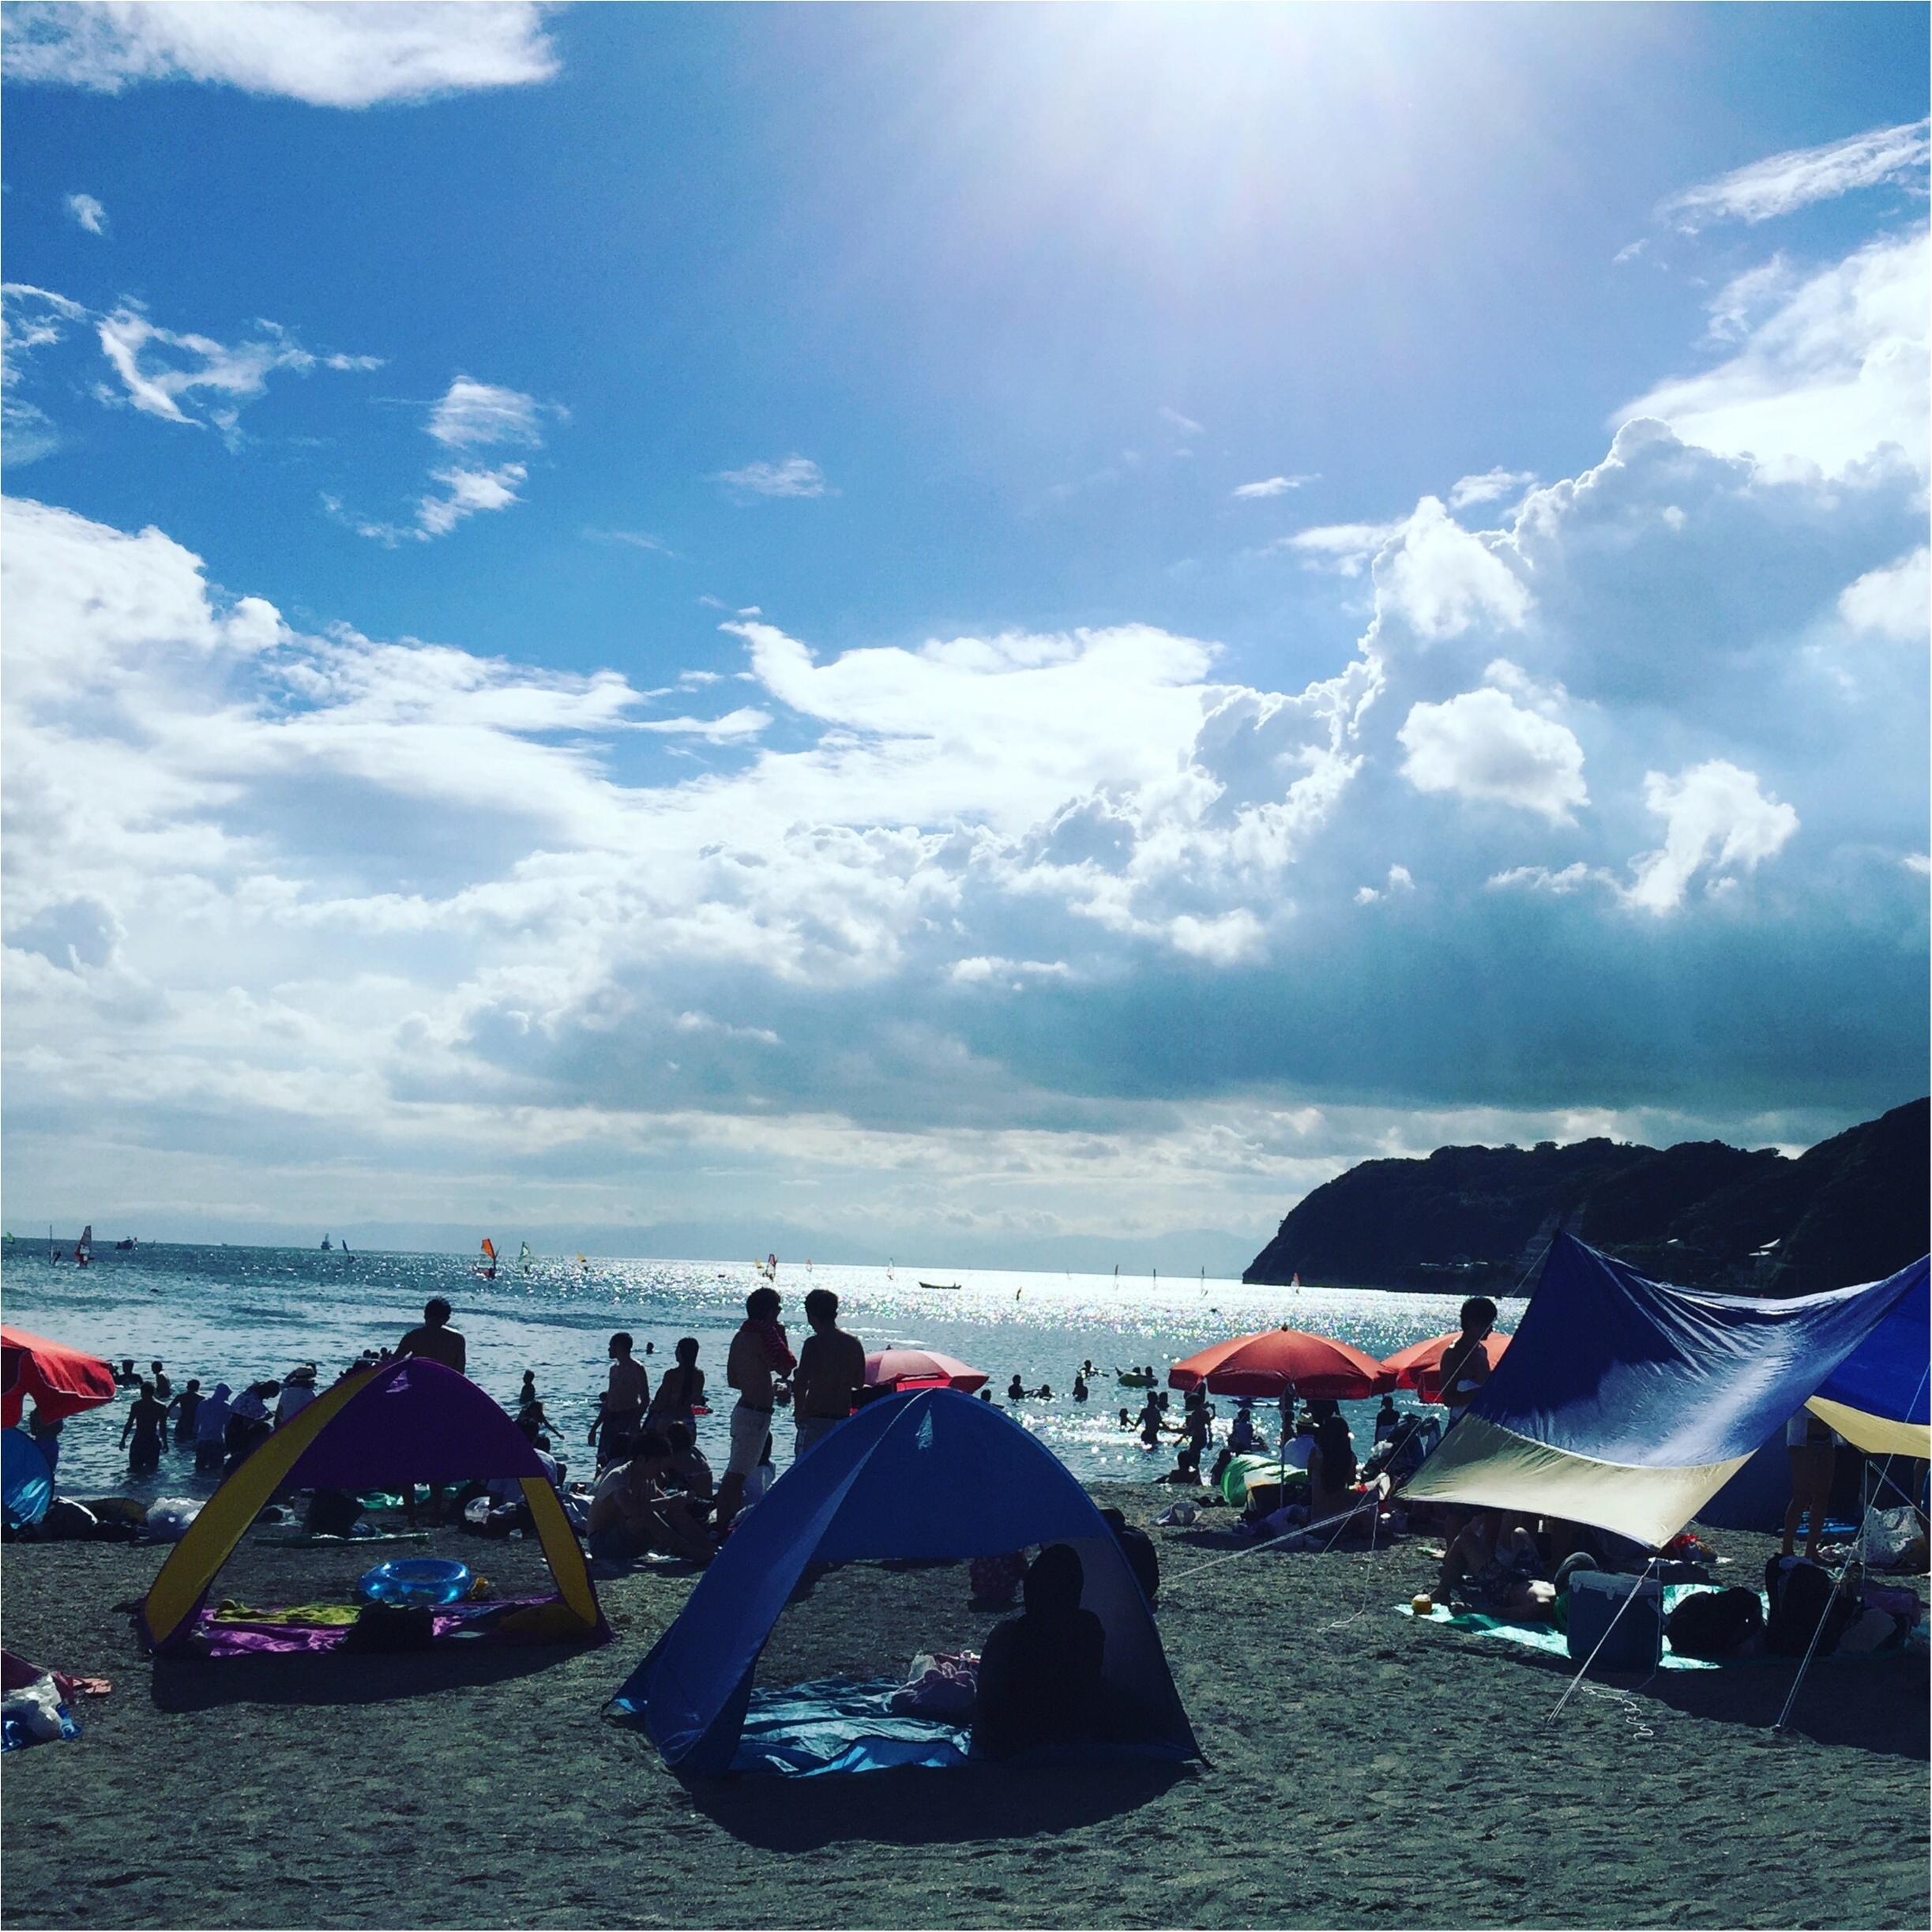 夏の記憶が蘇る✨✨この夏の《*空の写真*》_2